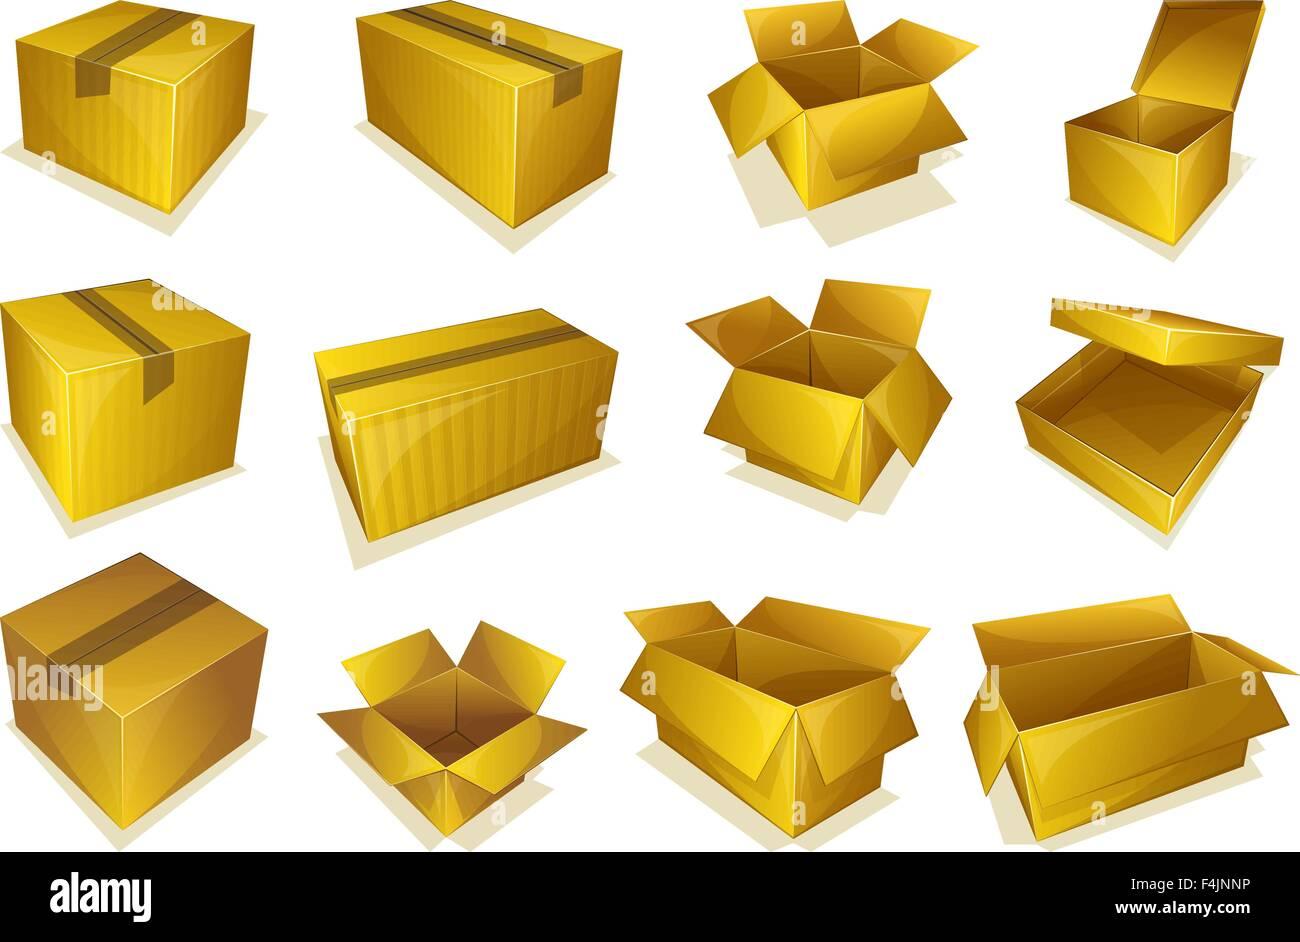 Cardboard parcel icon - Stock Vector